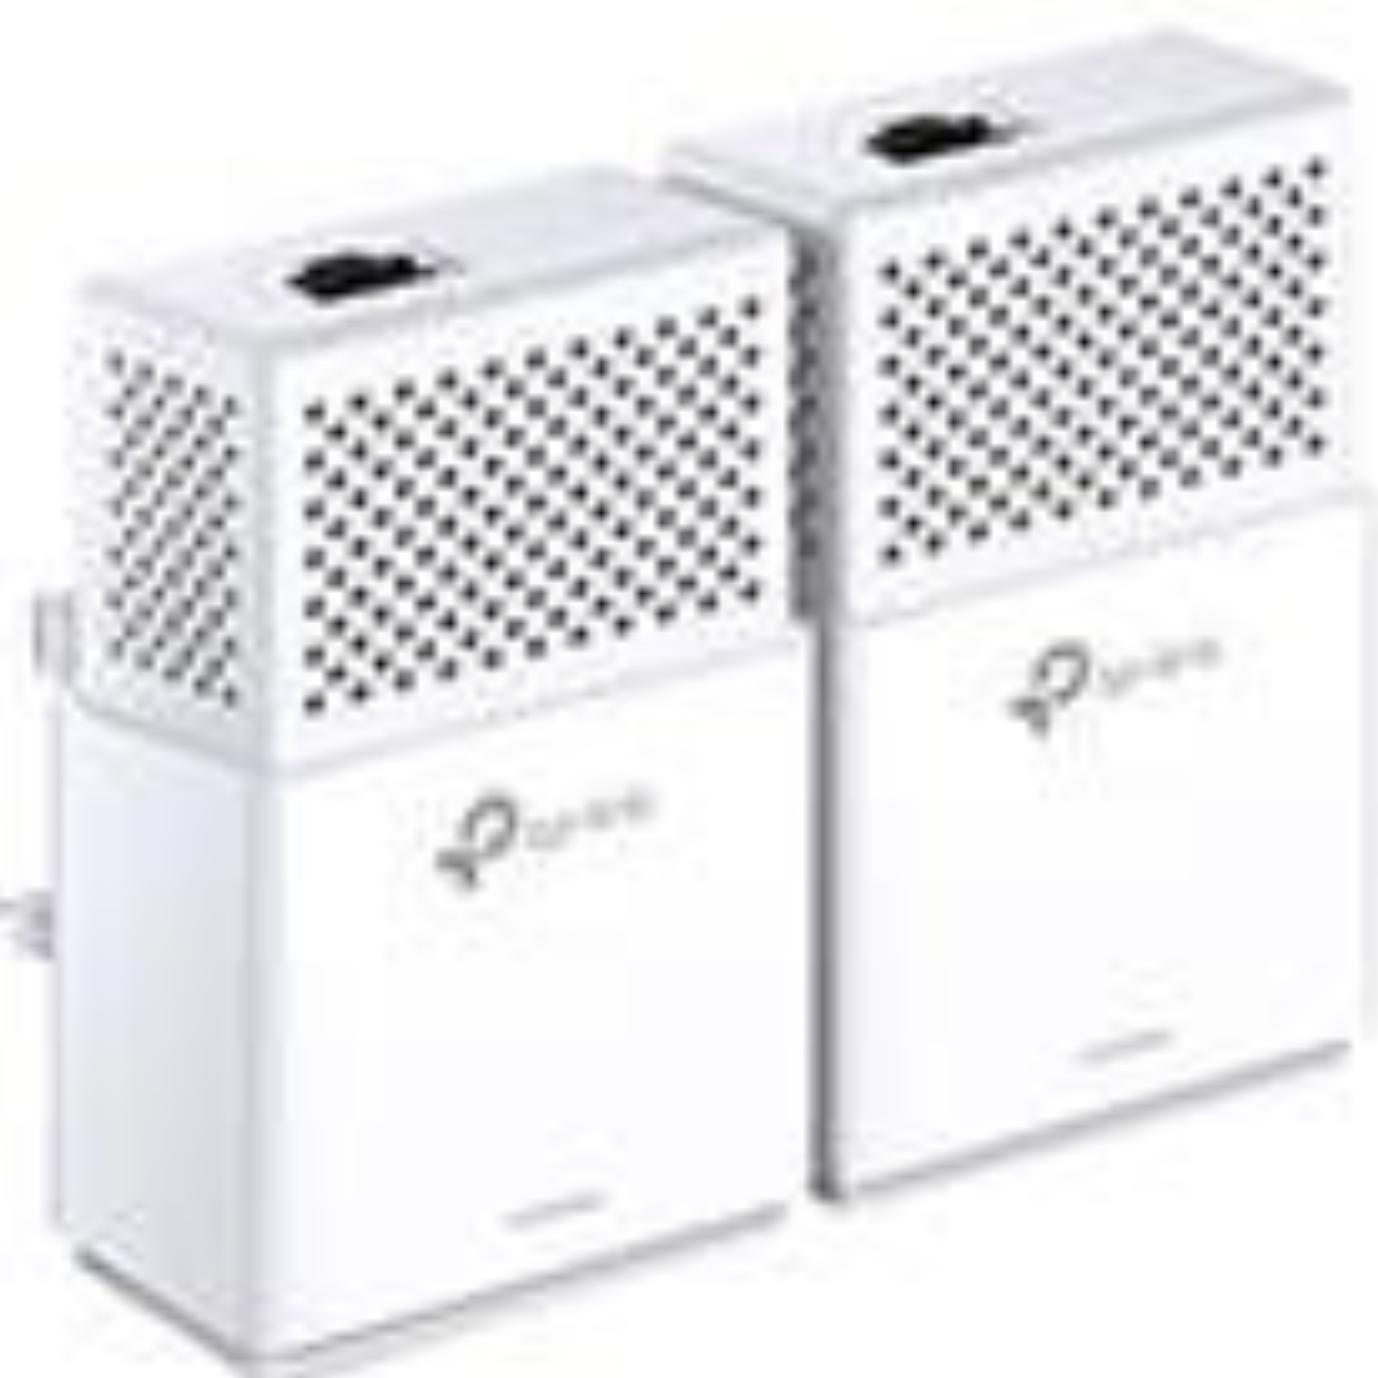 TP Link TL-PA7010 KIT - av1000 powerline / homeplug adapters in Tescos Newtownards £15